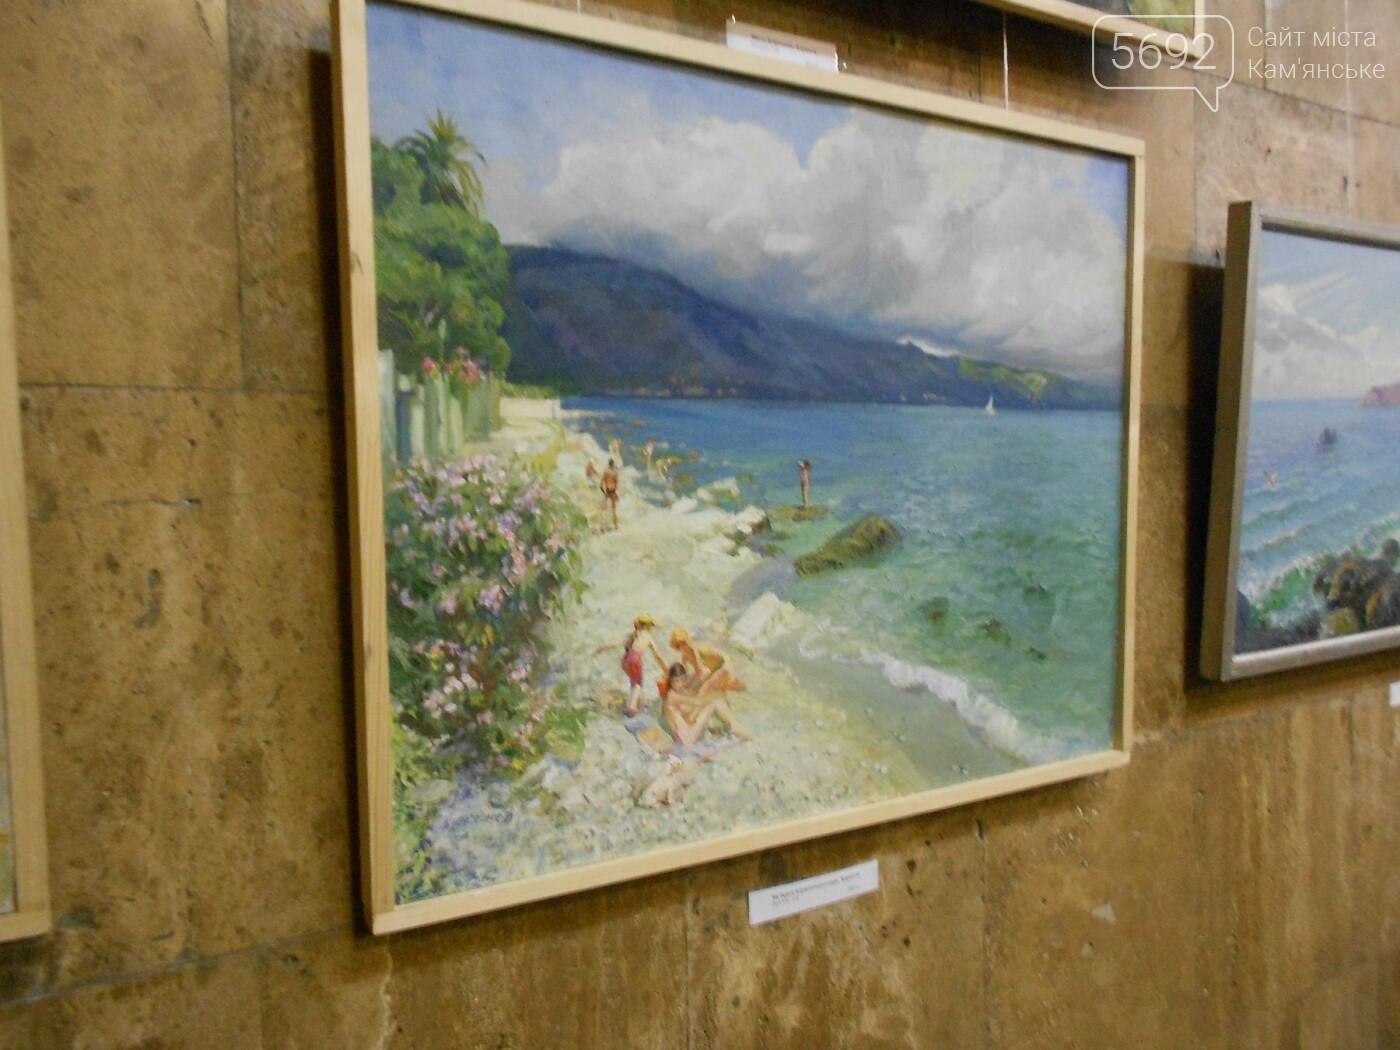 В Каменском открылась юбилейная выставка известного художника Анатолия Жежера, фото-6